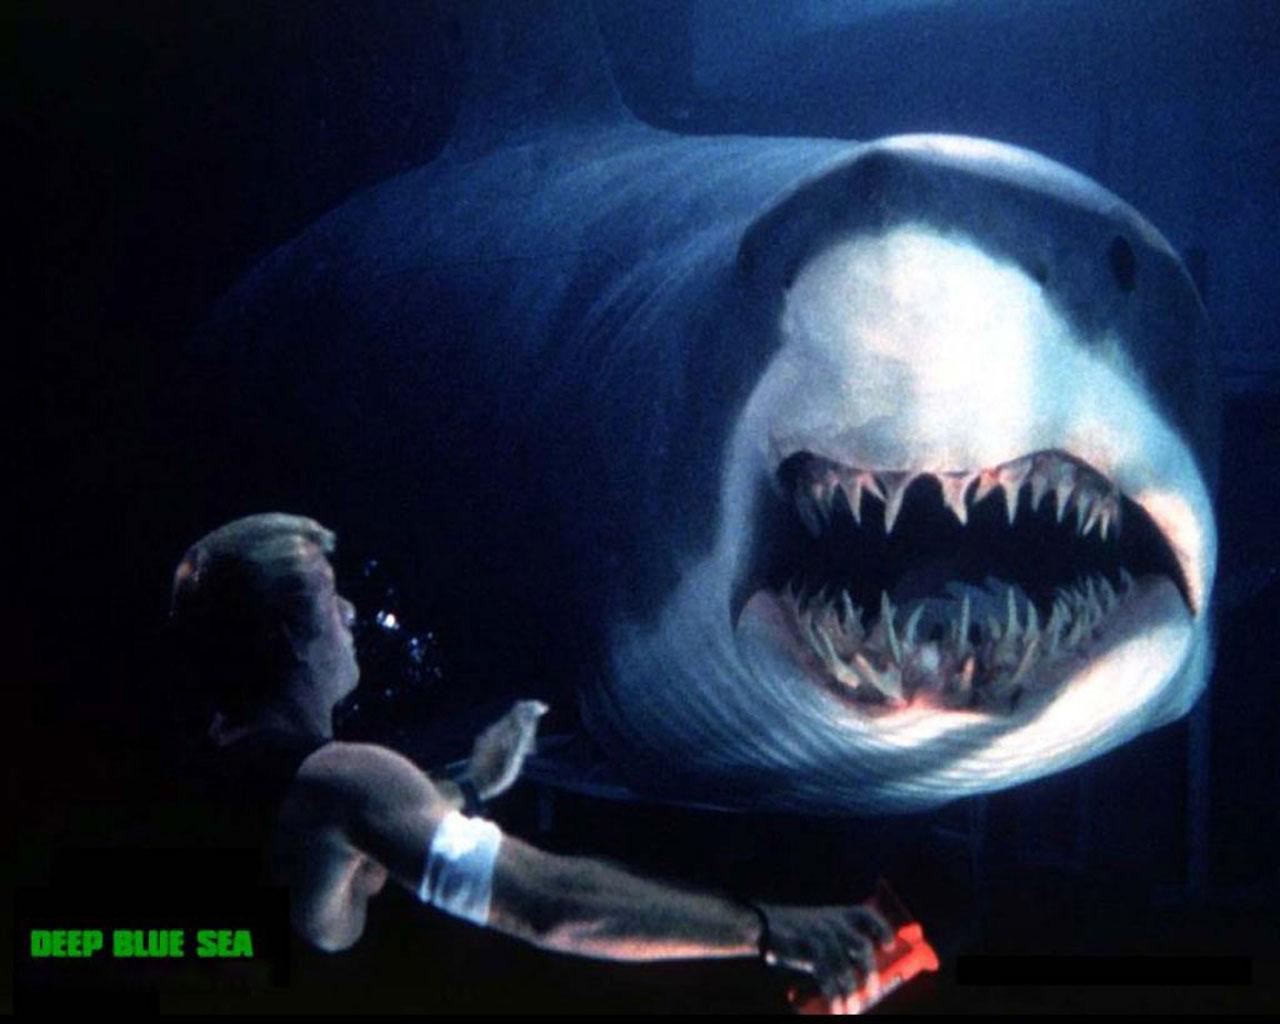 Video phim: Thót cảnh người đẹp một mình giết cá mập - 5